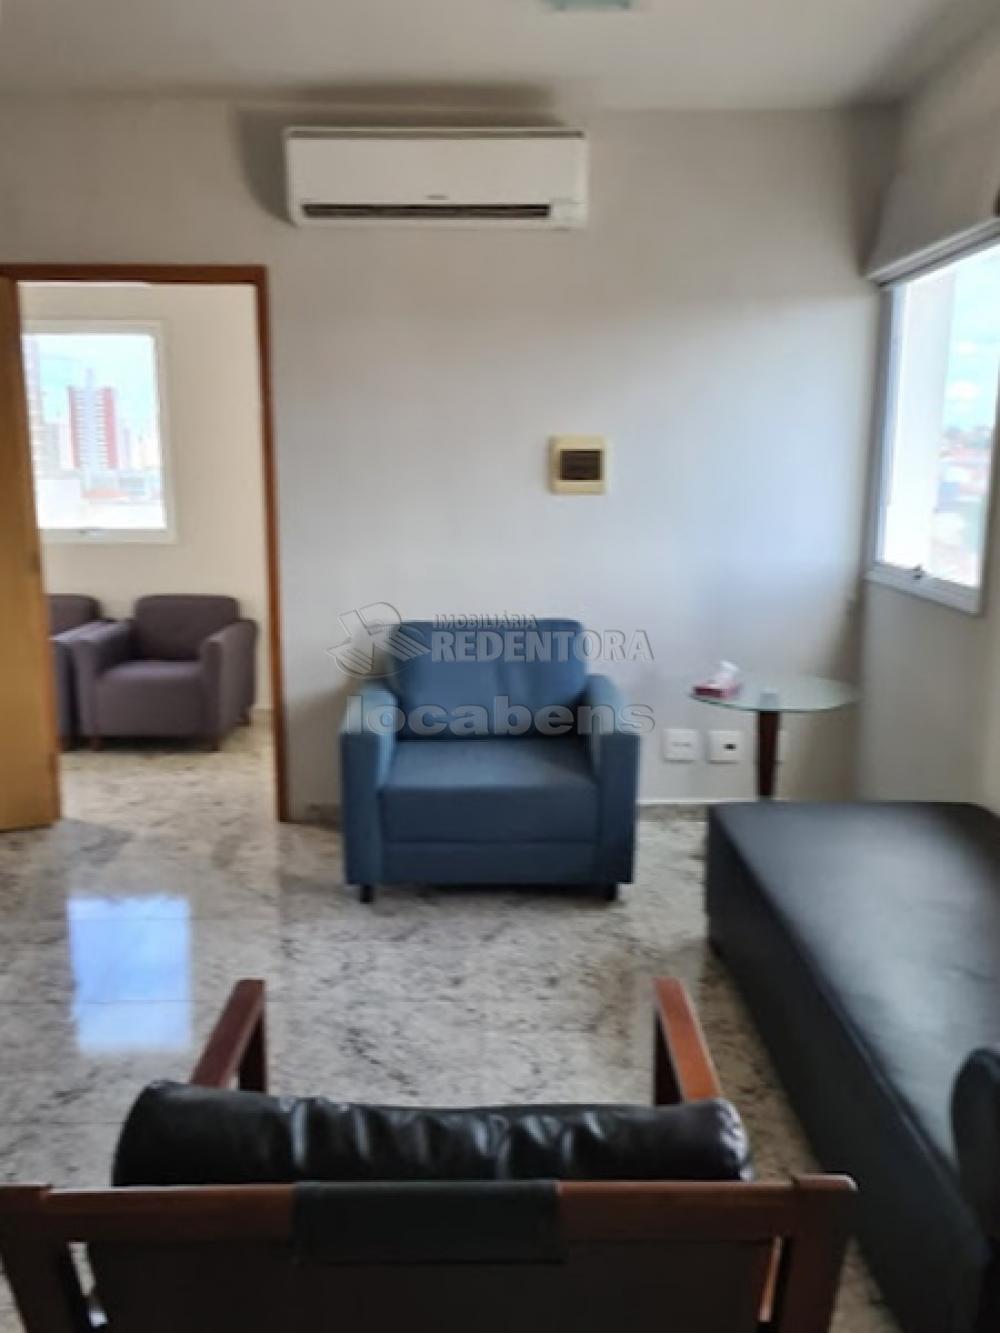 Alugar Comercial / Sala em São José do Rio Preto R$ 1.200,00 - Foto 5